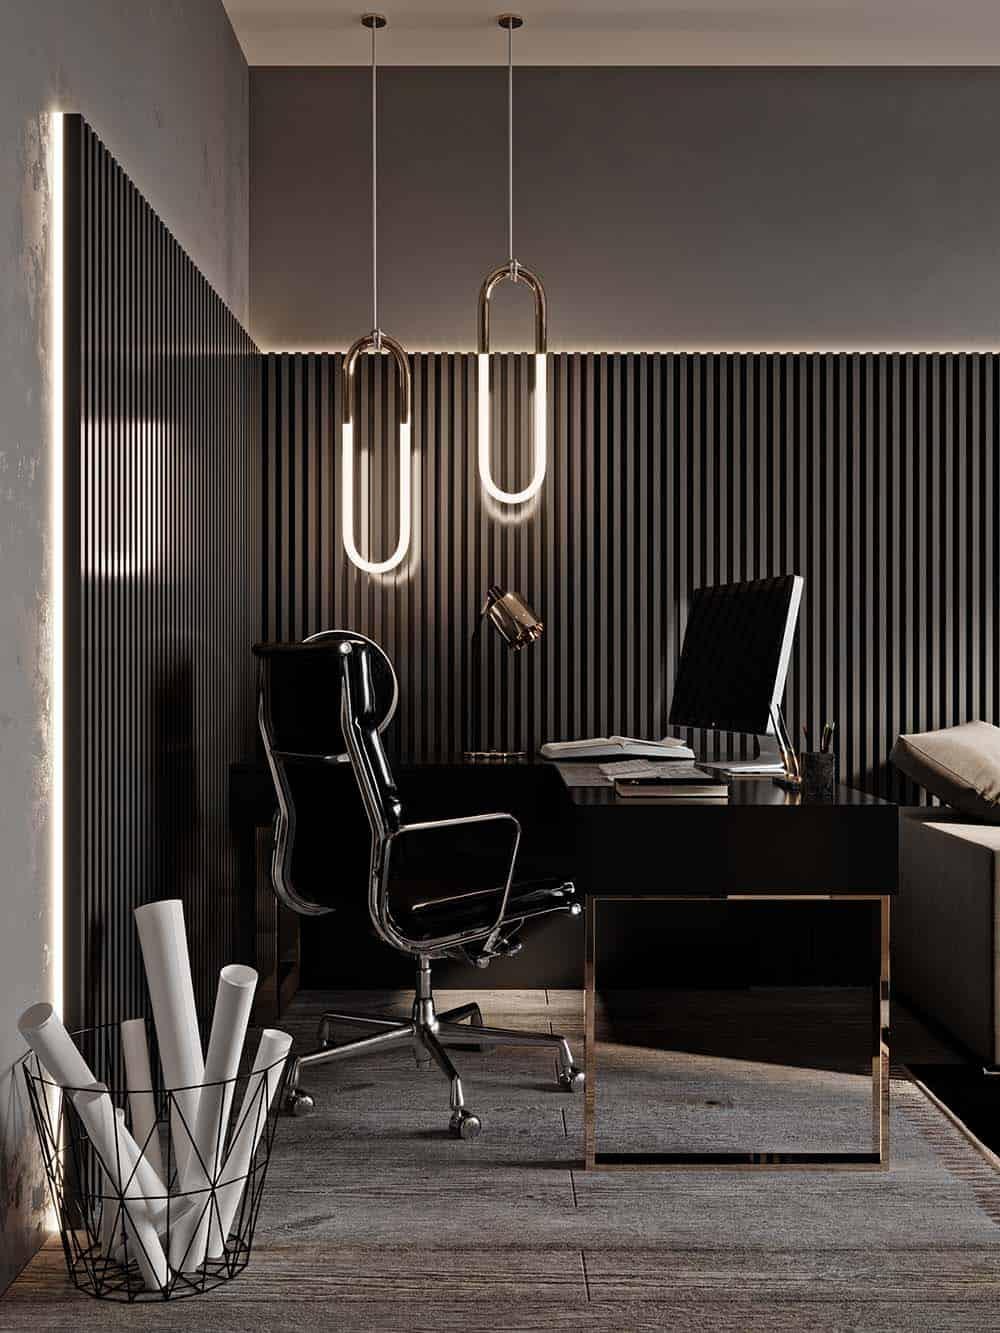 Thiết kế bàn gỗ phủ Acrylic bóng bẩy và xa hoa cho phòng làm việc nhỏ